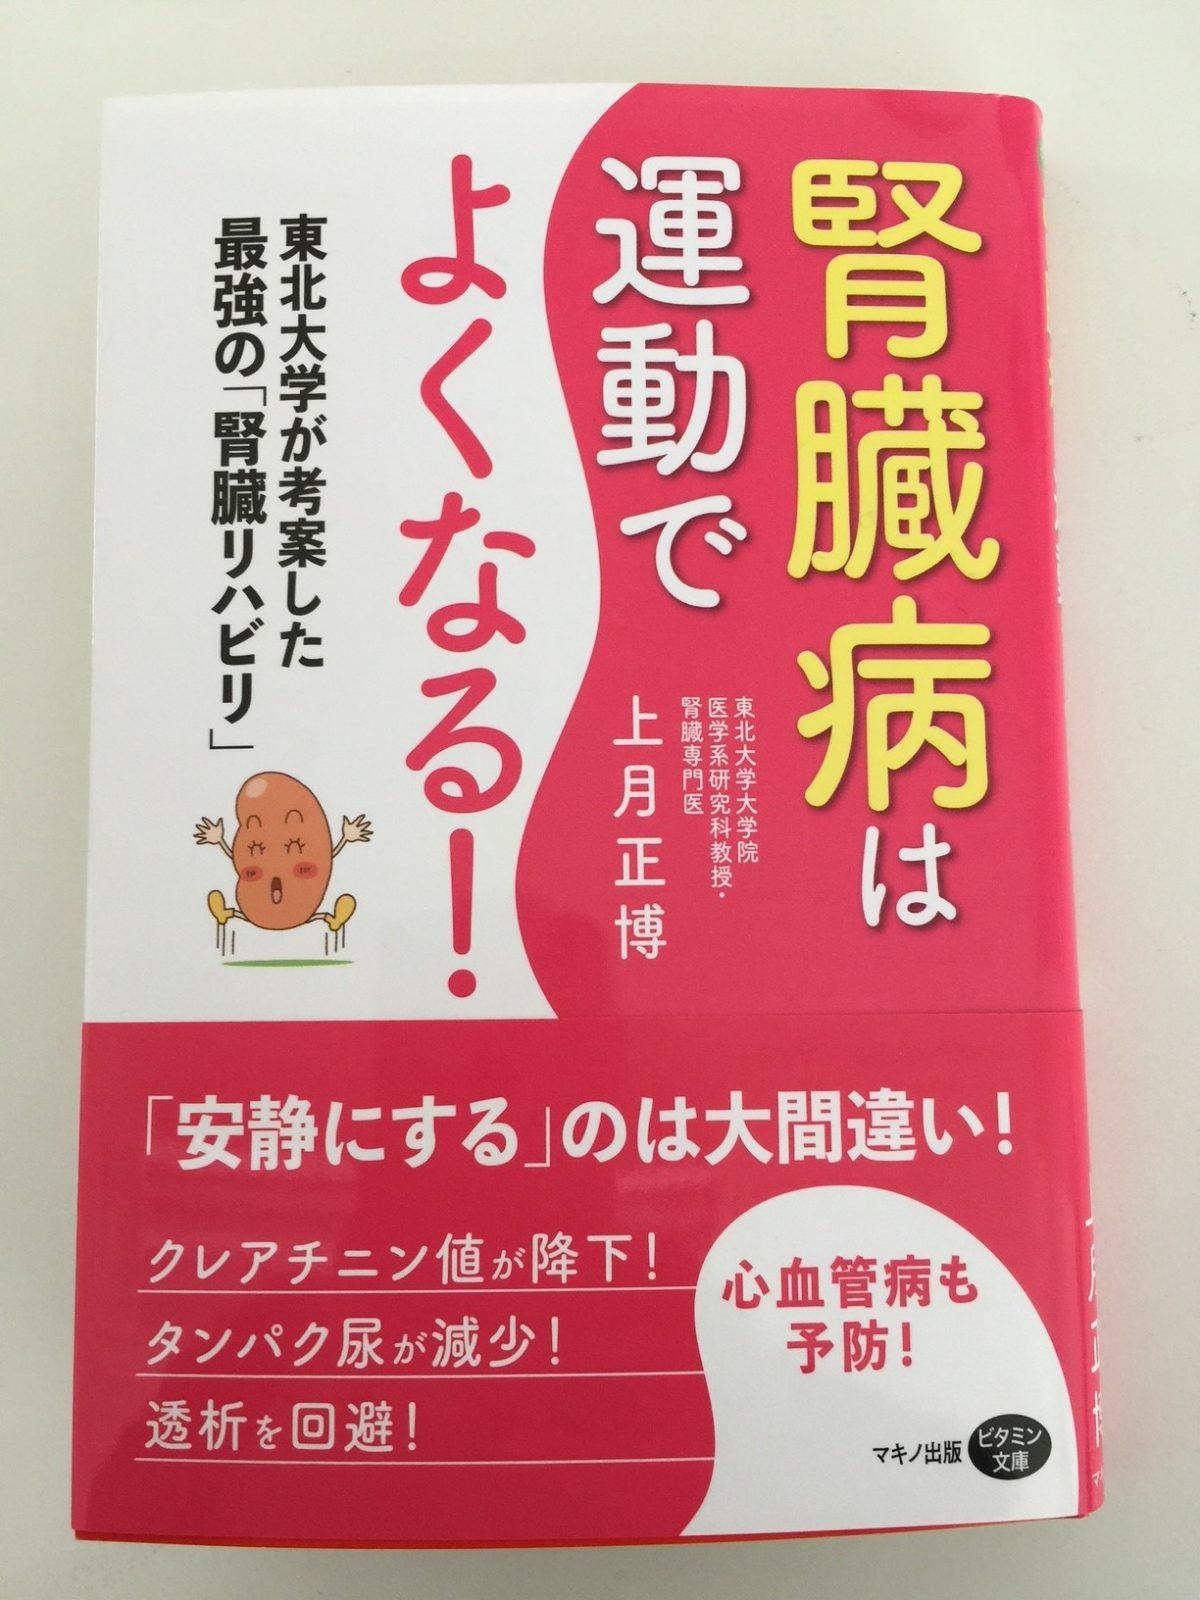 腎臓病は運動でよくなる!~NHKガッテン出演の上月先生著~【書評】 (難易度:初級)